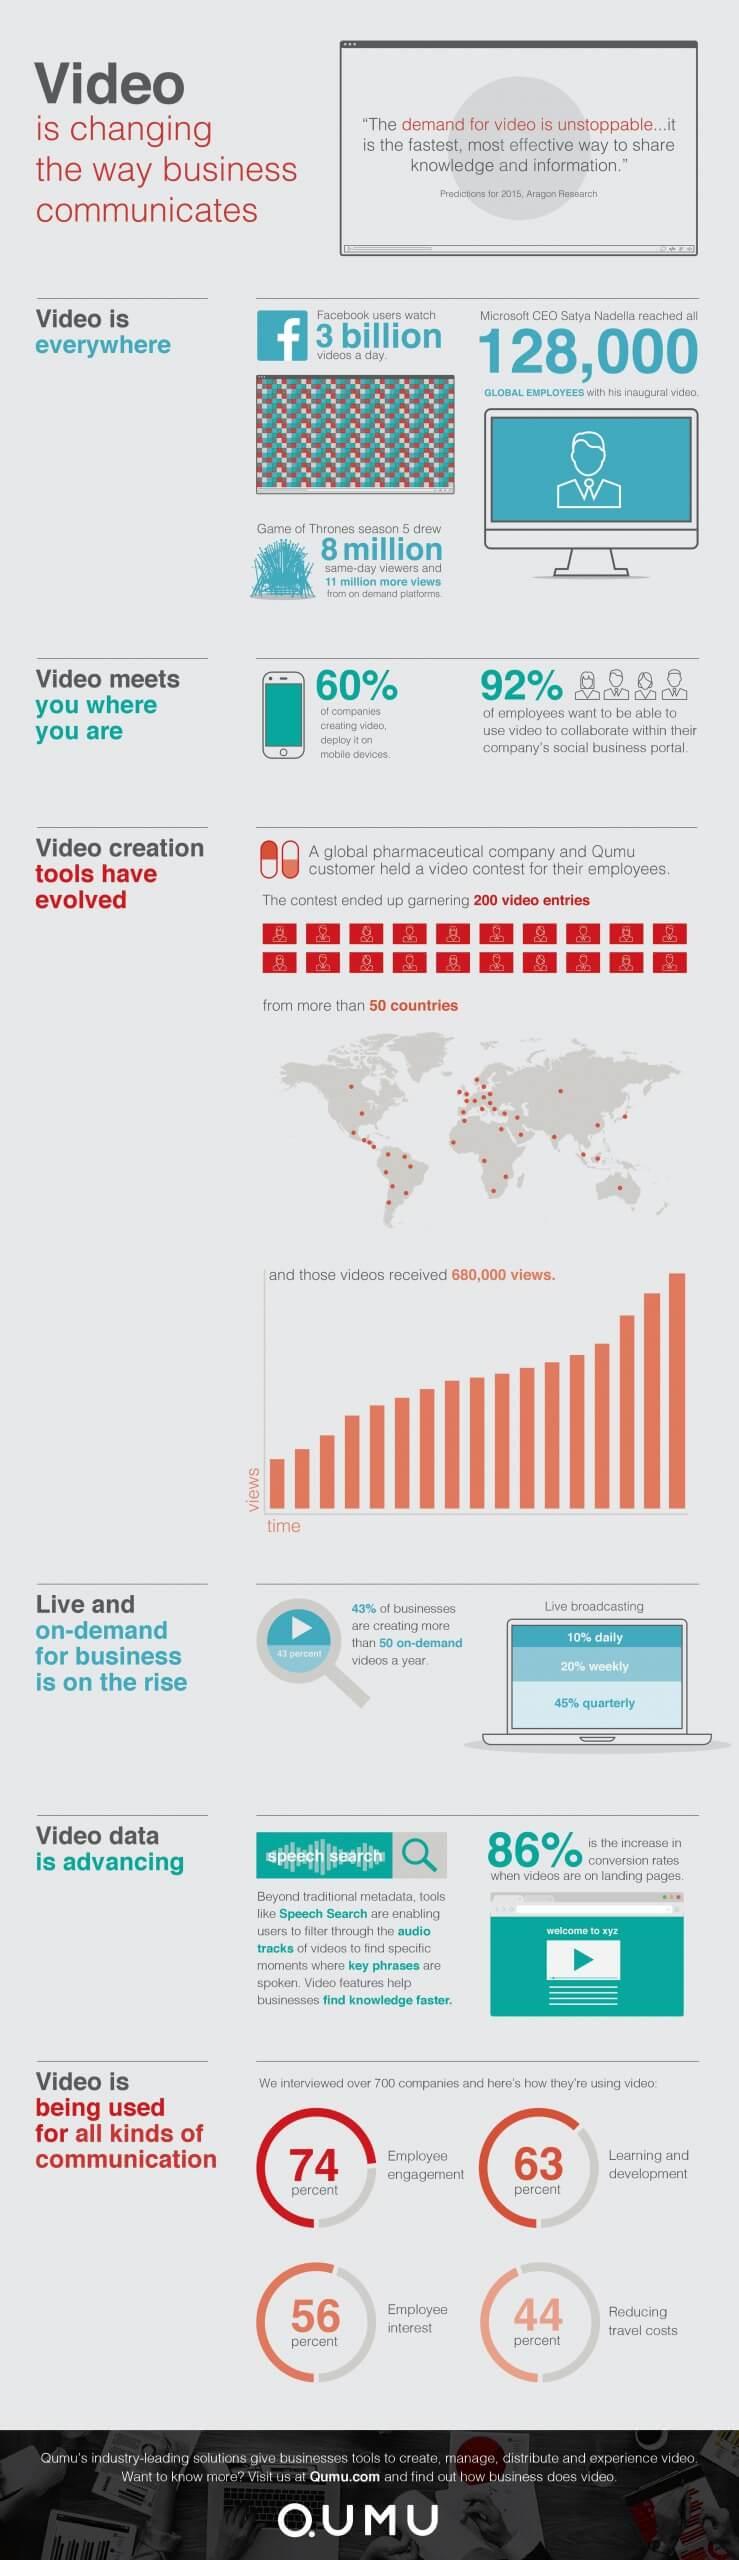 「動画によって仕事のコミュニケーション方法が変わる」インフォグラフィック